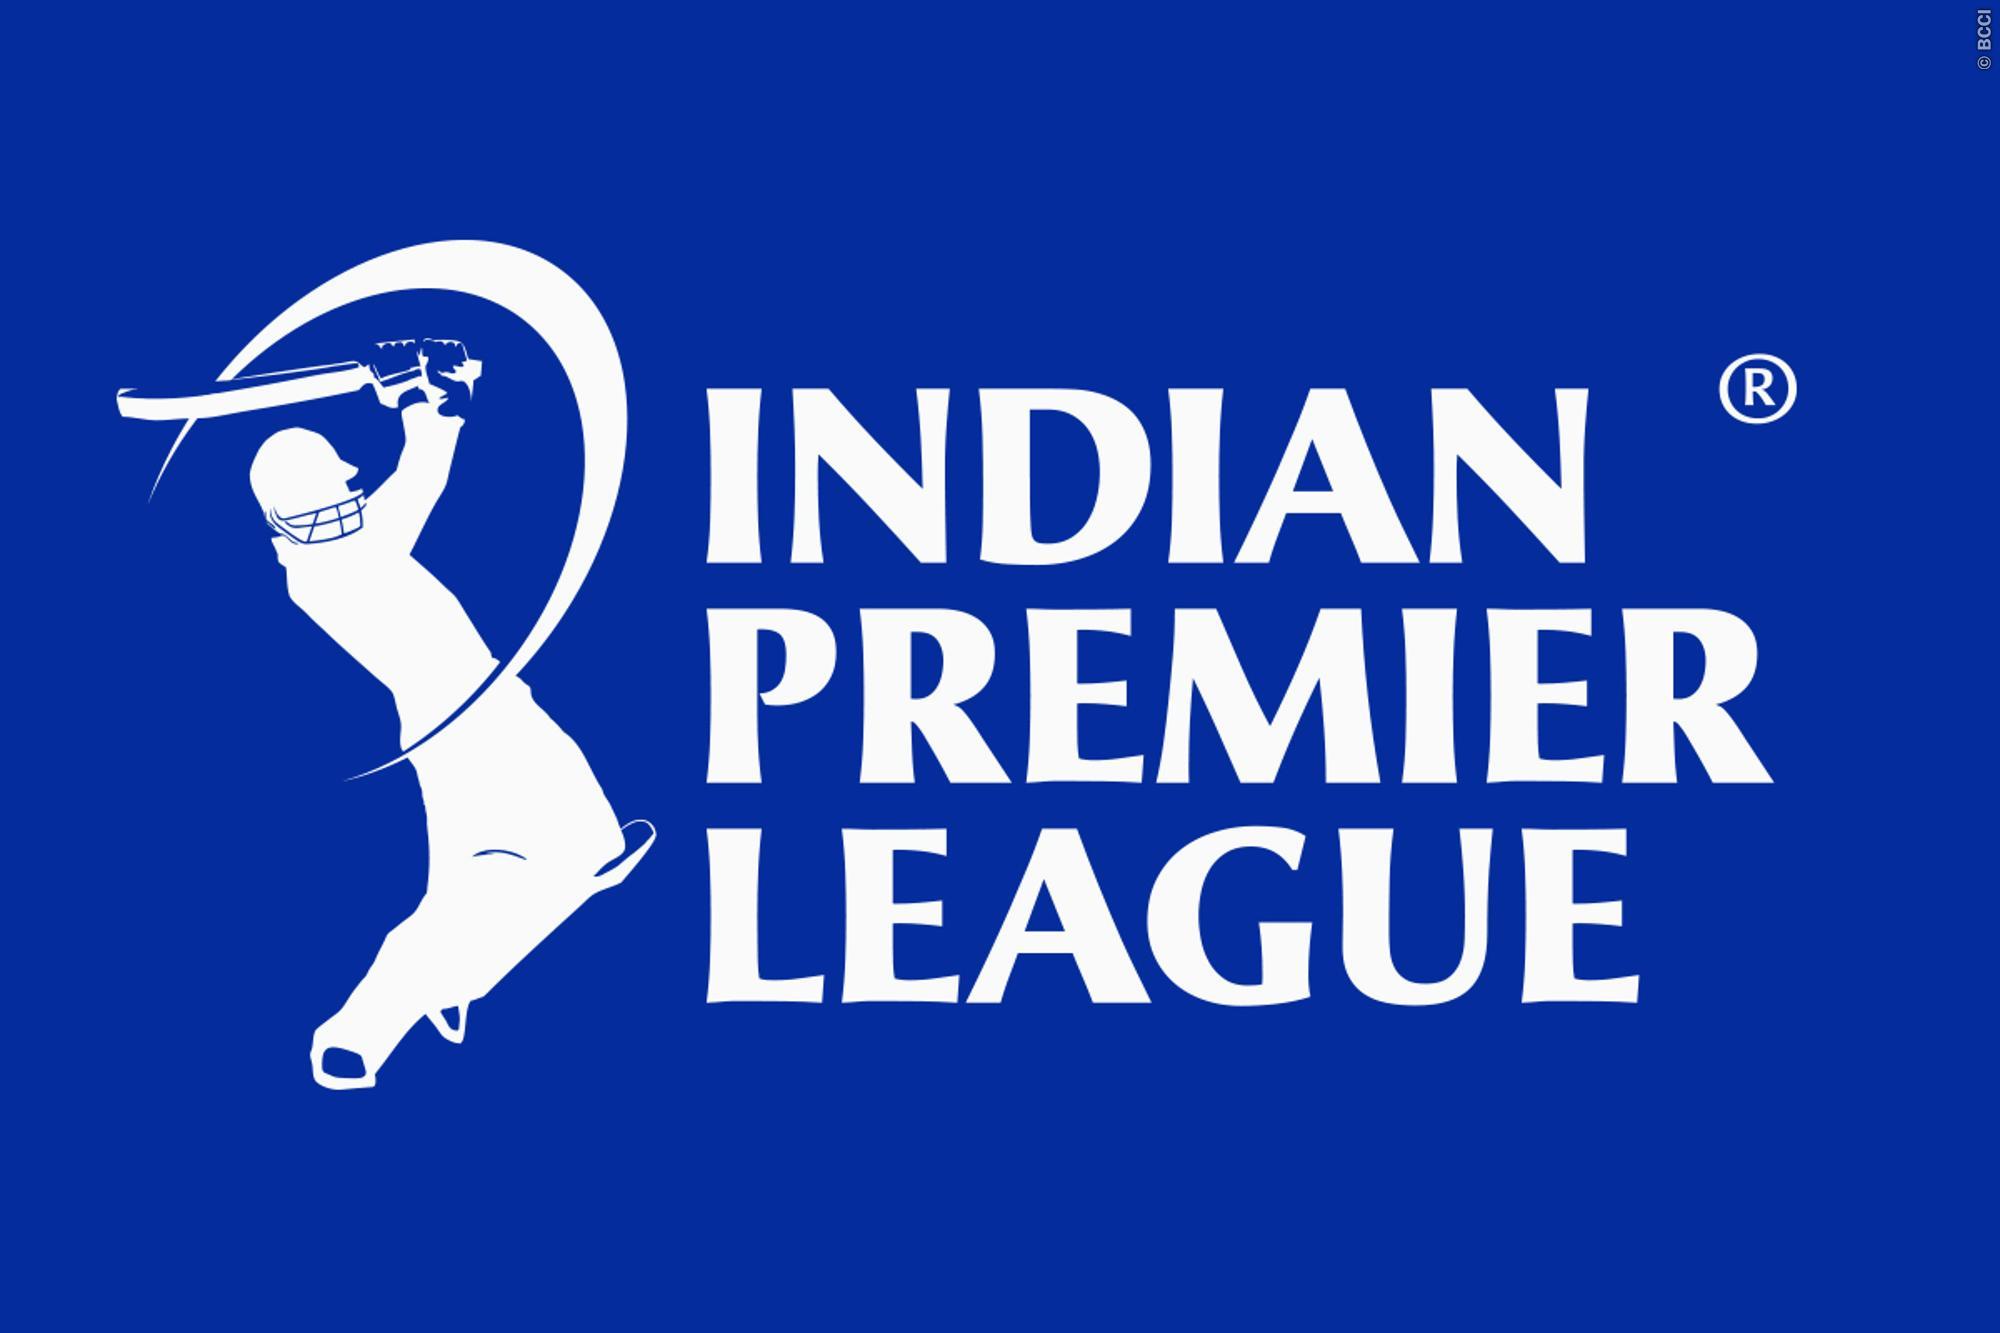 कोरोना के बढ़ते संकट के बीच आईपीएल 2021 सस्पेंडः राजीव शुक्ला